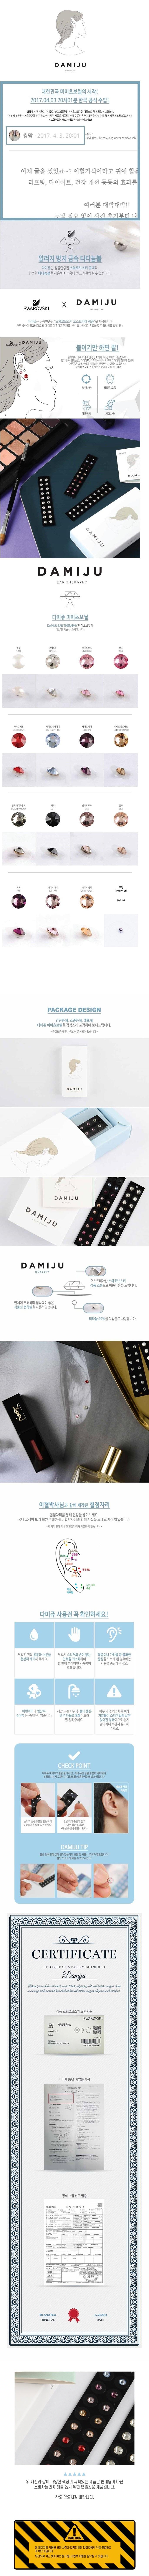 DAMIJU 정품 스와로브스키 귀침 16종 미미츠보 - 갓샵, 18,900원, 진주/원석, 볼귀걸이